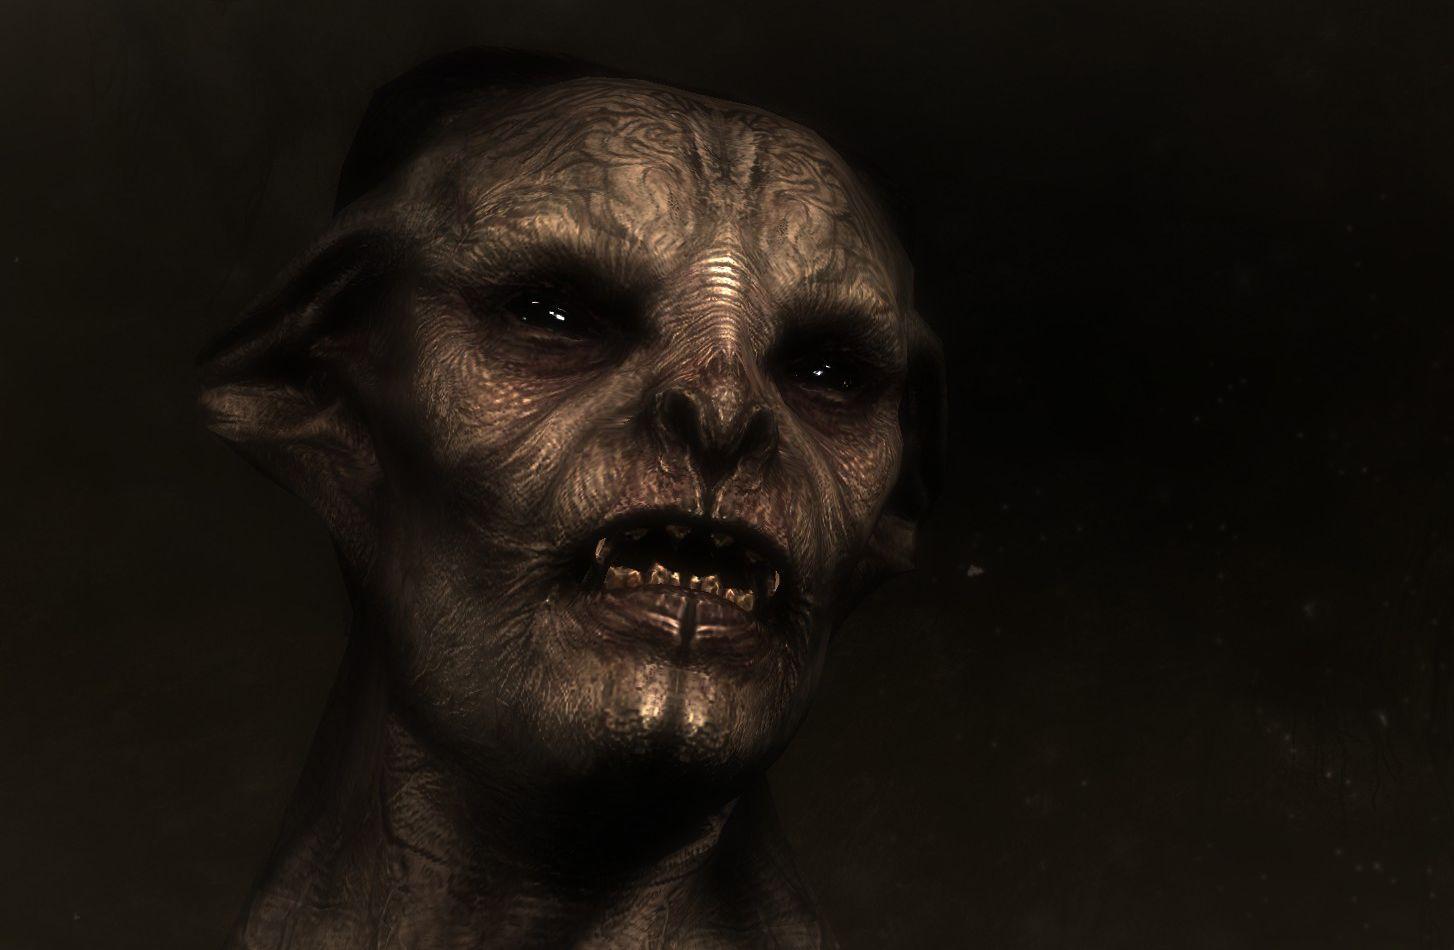 Skyrim Vampire Lord Re Texture Mattypoo Skyrim Skyrim Vampire